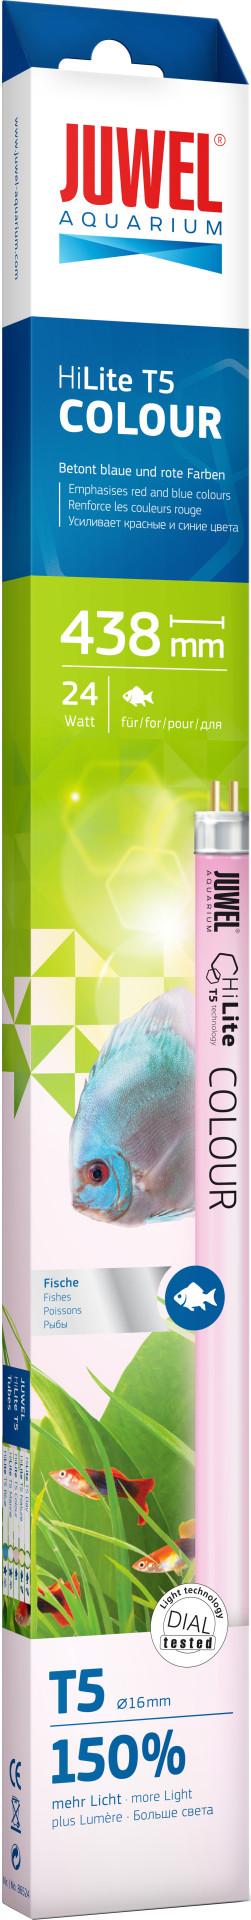 Juwel verlichting HiLite T5 Colour 438 mm <br>24 watt